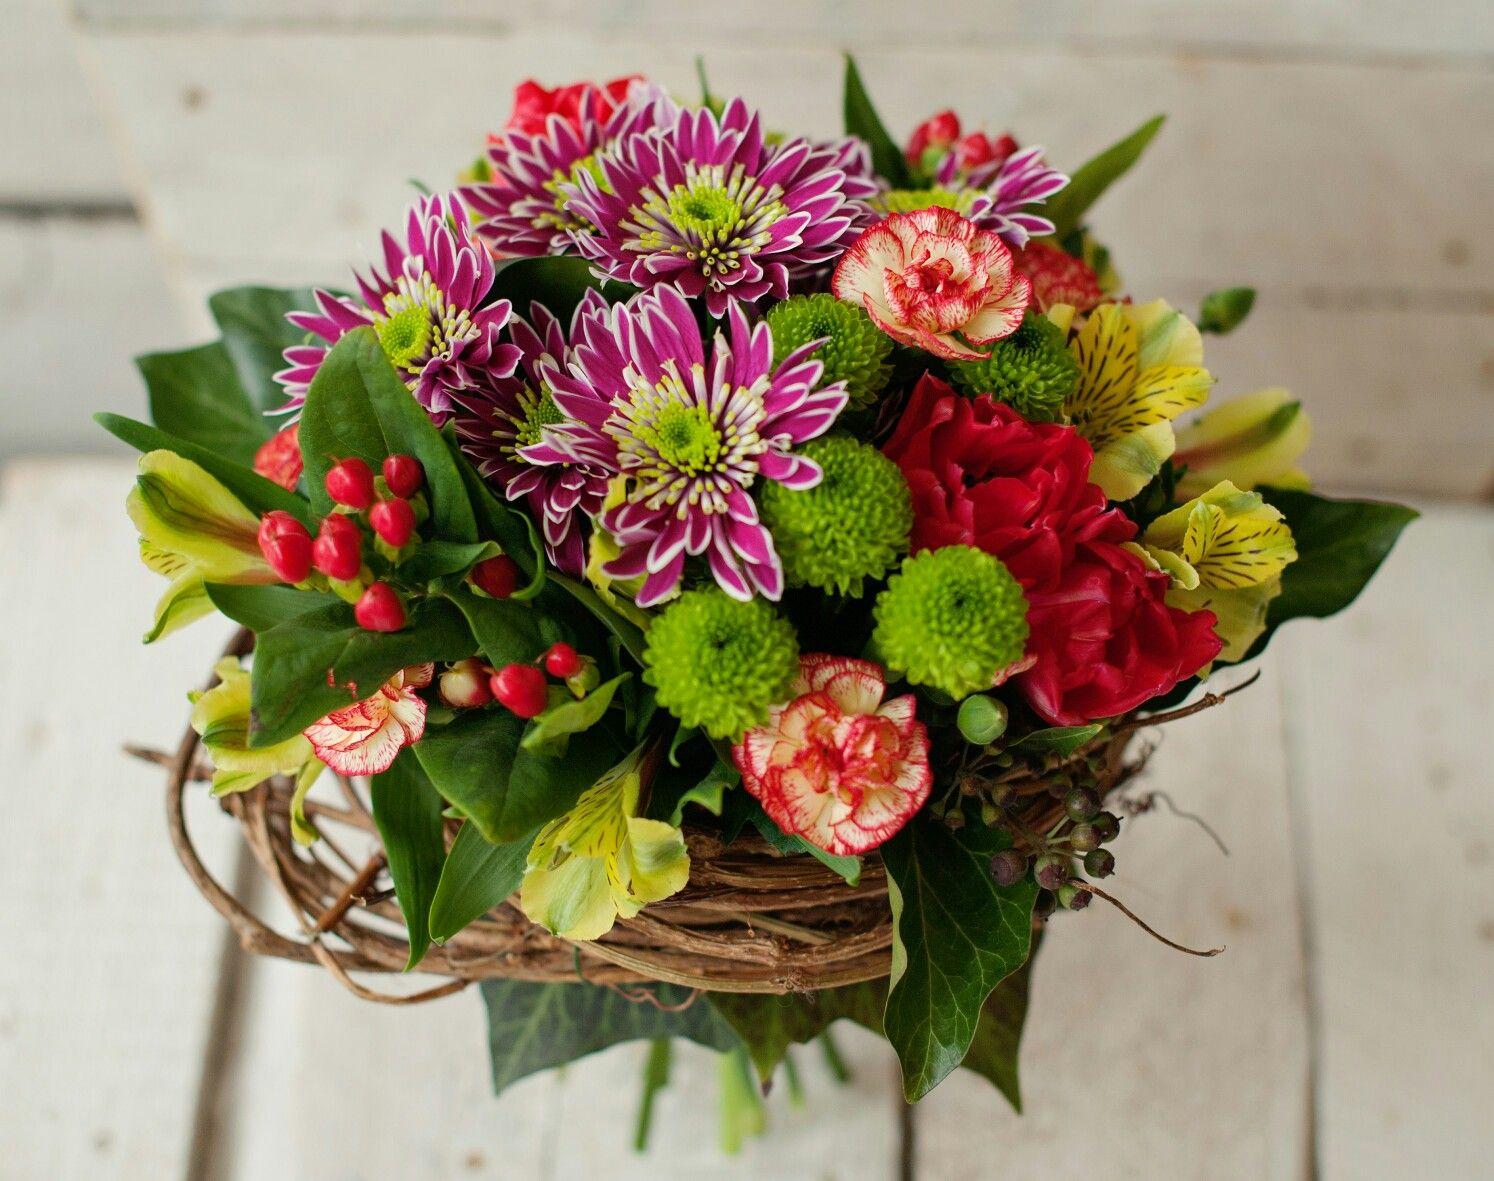 Zakonczenie Roku Szkolnego Nie Masz Pomyslu Na Co Sie Zdecydowac Zobacz Nasze Pomysly Na Kwiaty Z Okazji Zakoncz Floral Floral Wreath Wreaths